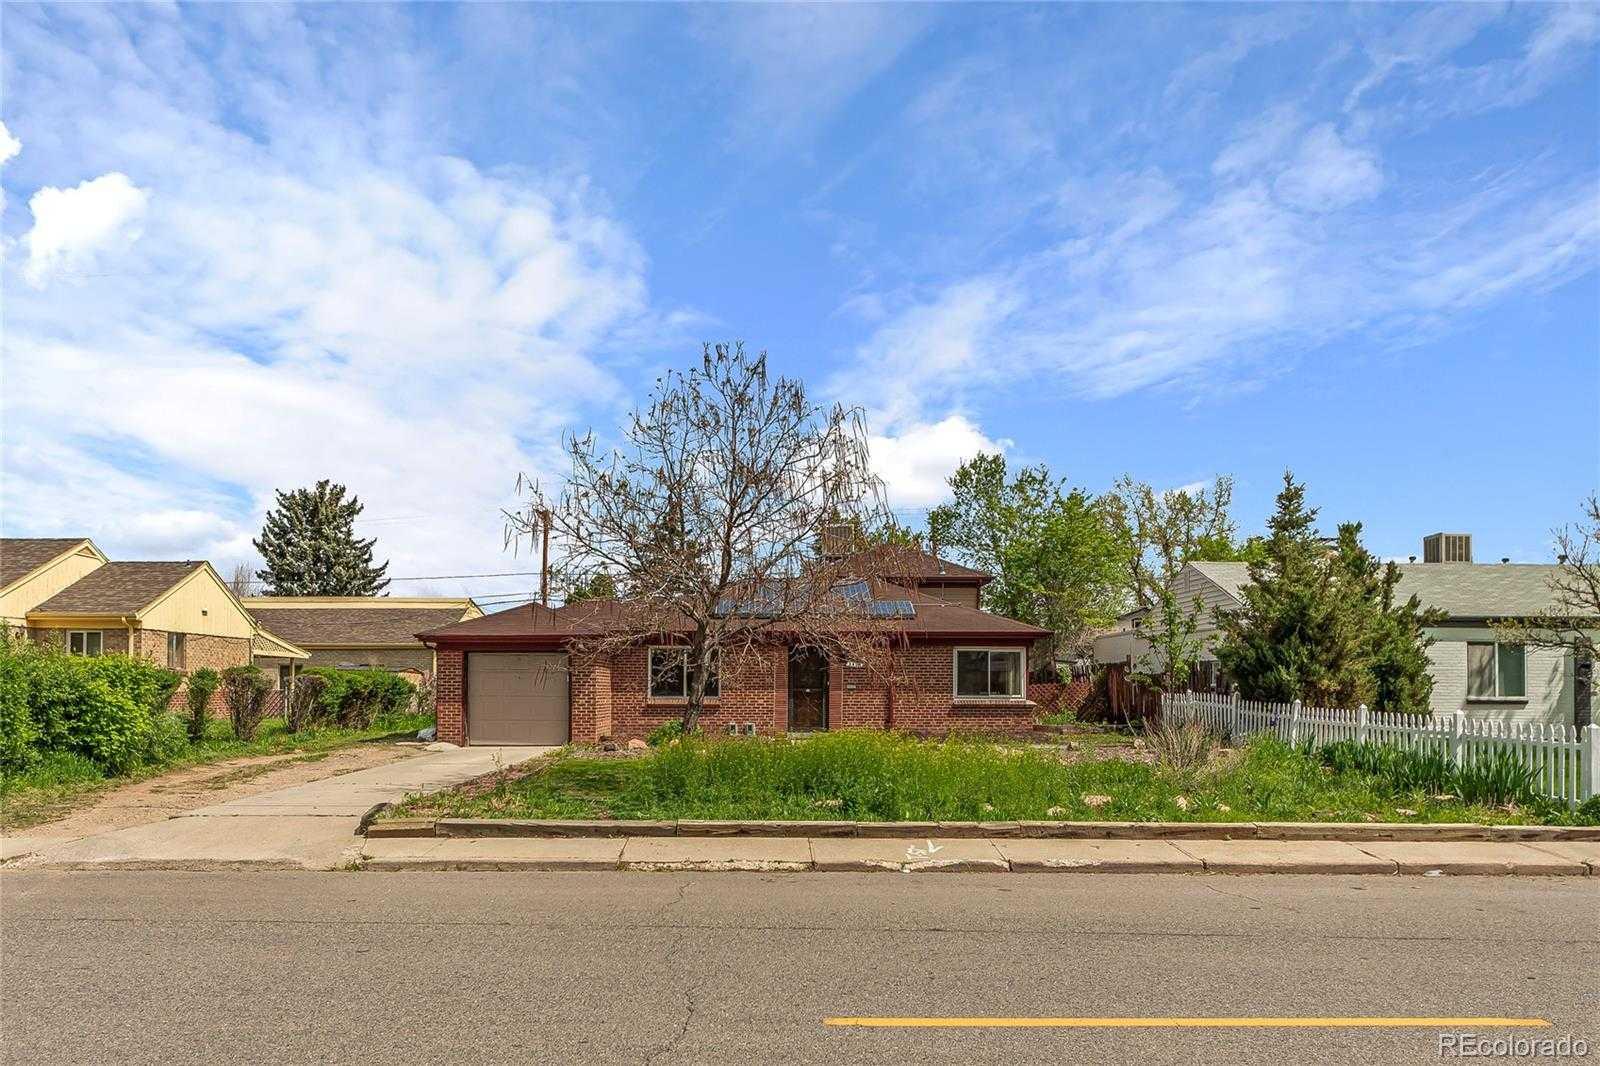 $650,000 - 3Br/3Ba -  for Sale in City Park, Denver